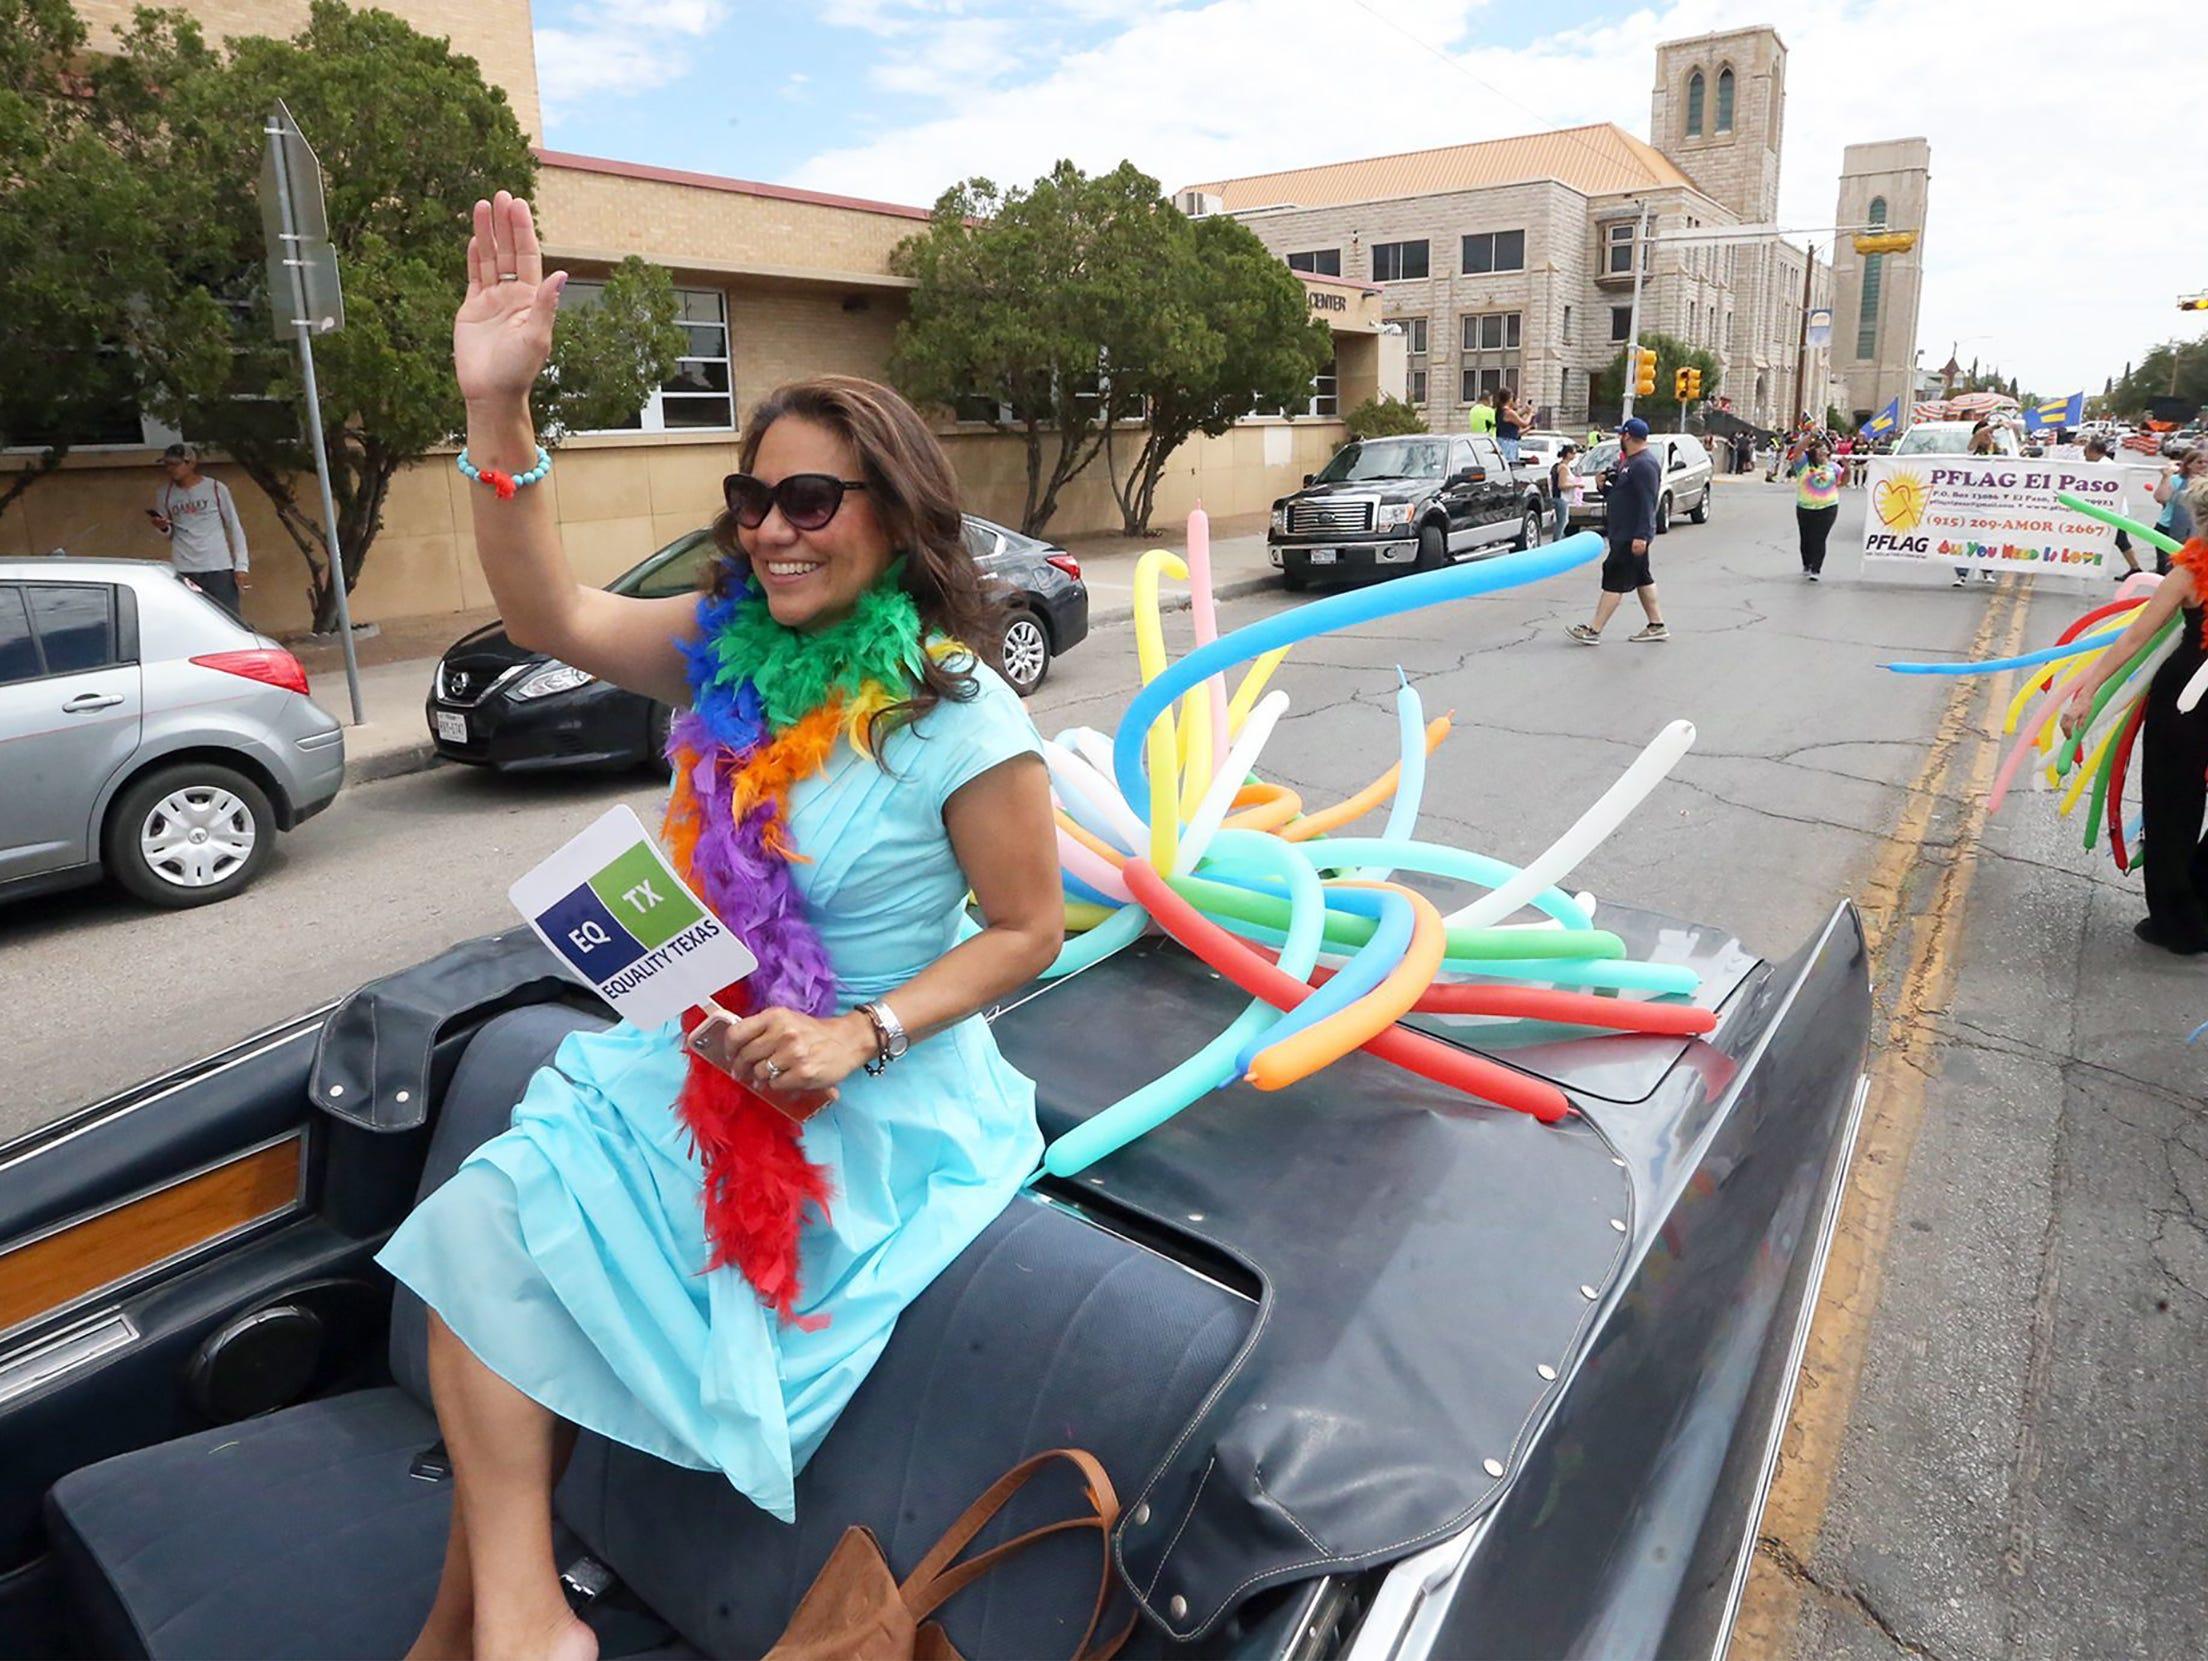 El Paso County Judge Veronica Escobar rides in a convertible in 2017 during Pride Day Parade.